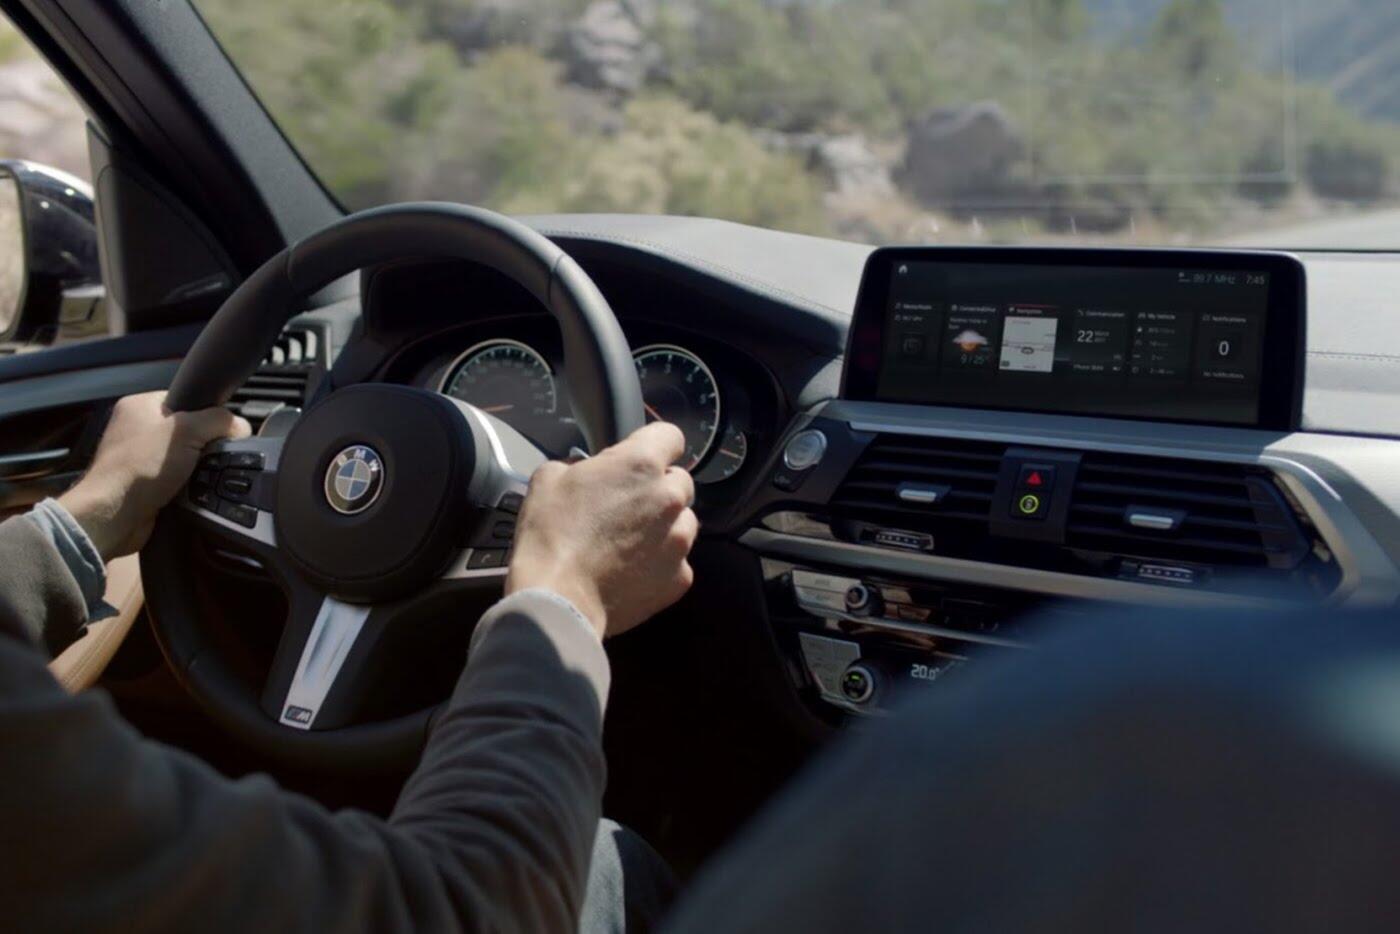 BMW X3 2018 hé lộ những hình ảnh chính thức đầu tiên - Hình 8